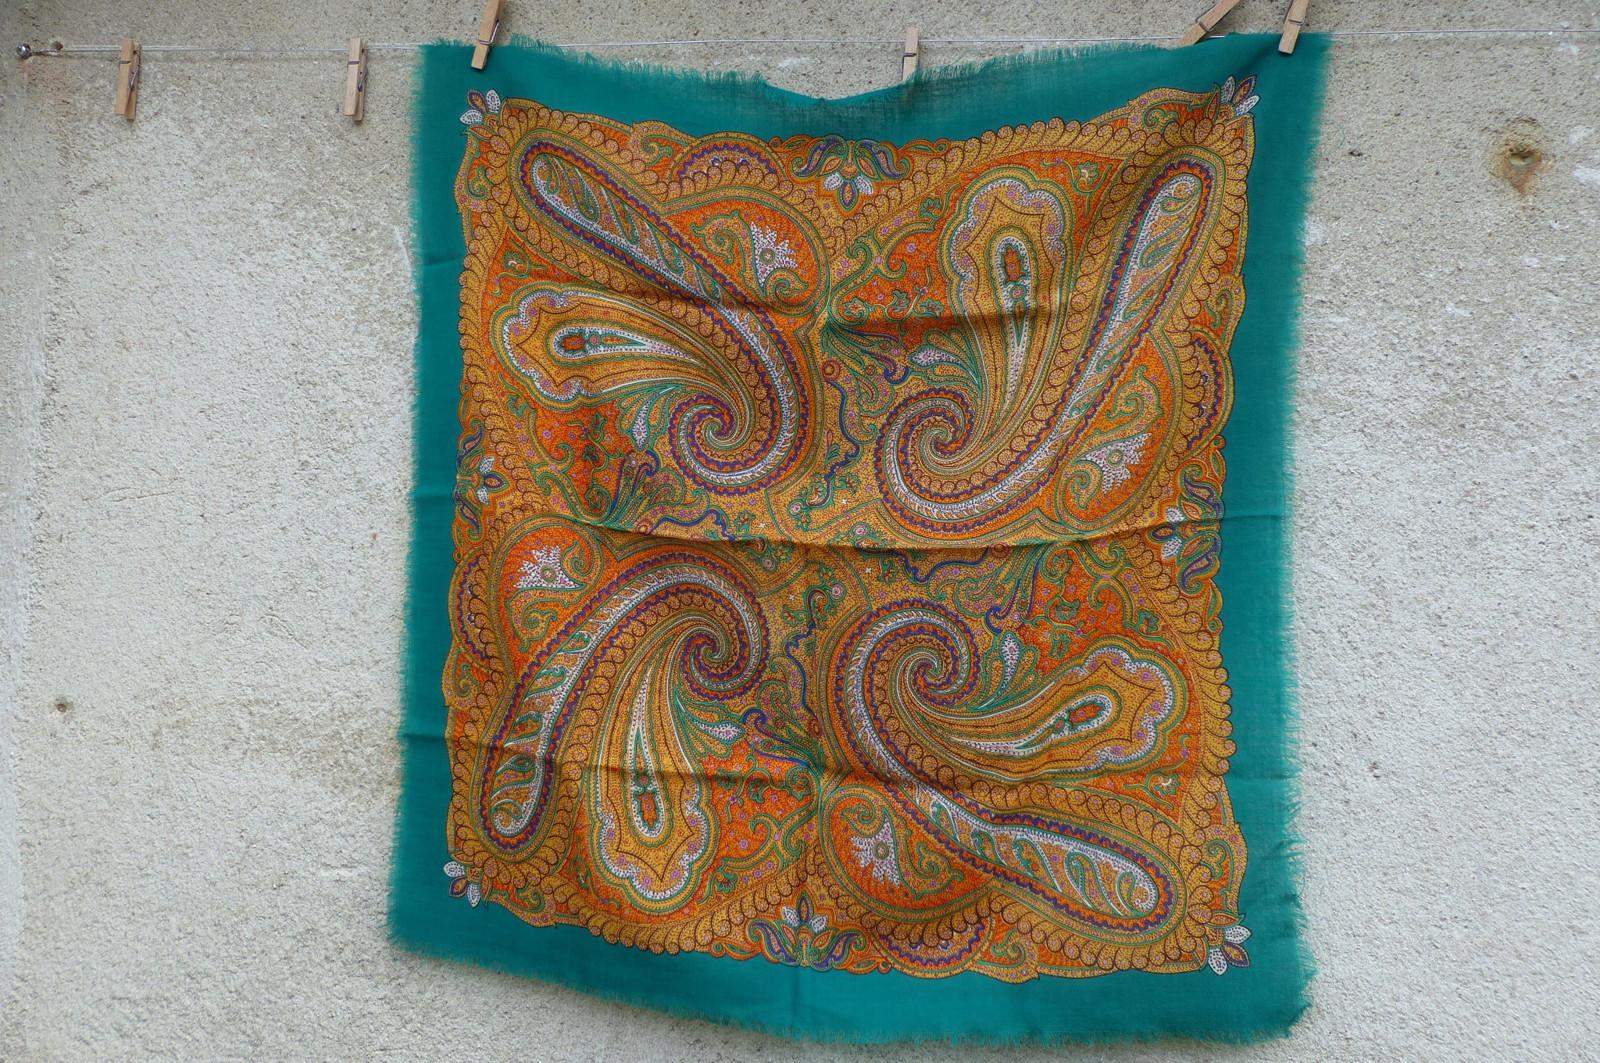 Kašmírově zelená...starý vlněný kašmírový šátek   Zboží prodejce ... ef8d7444f6